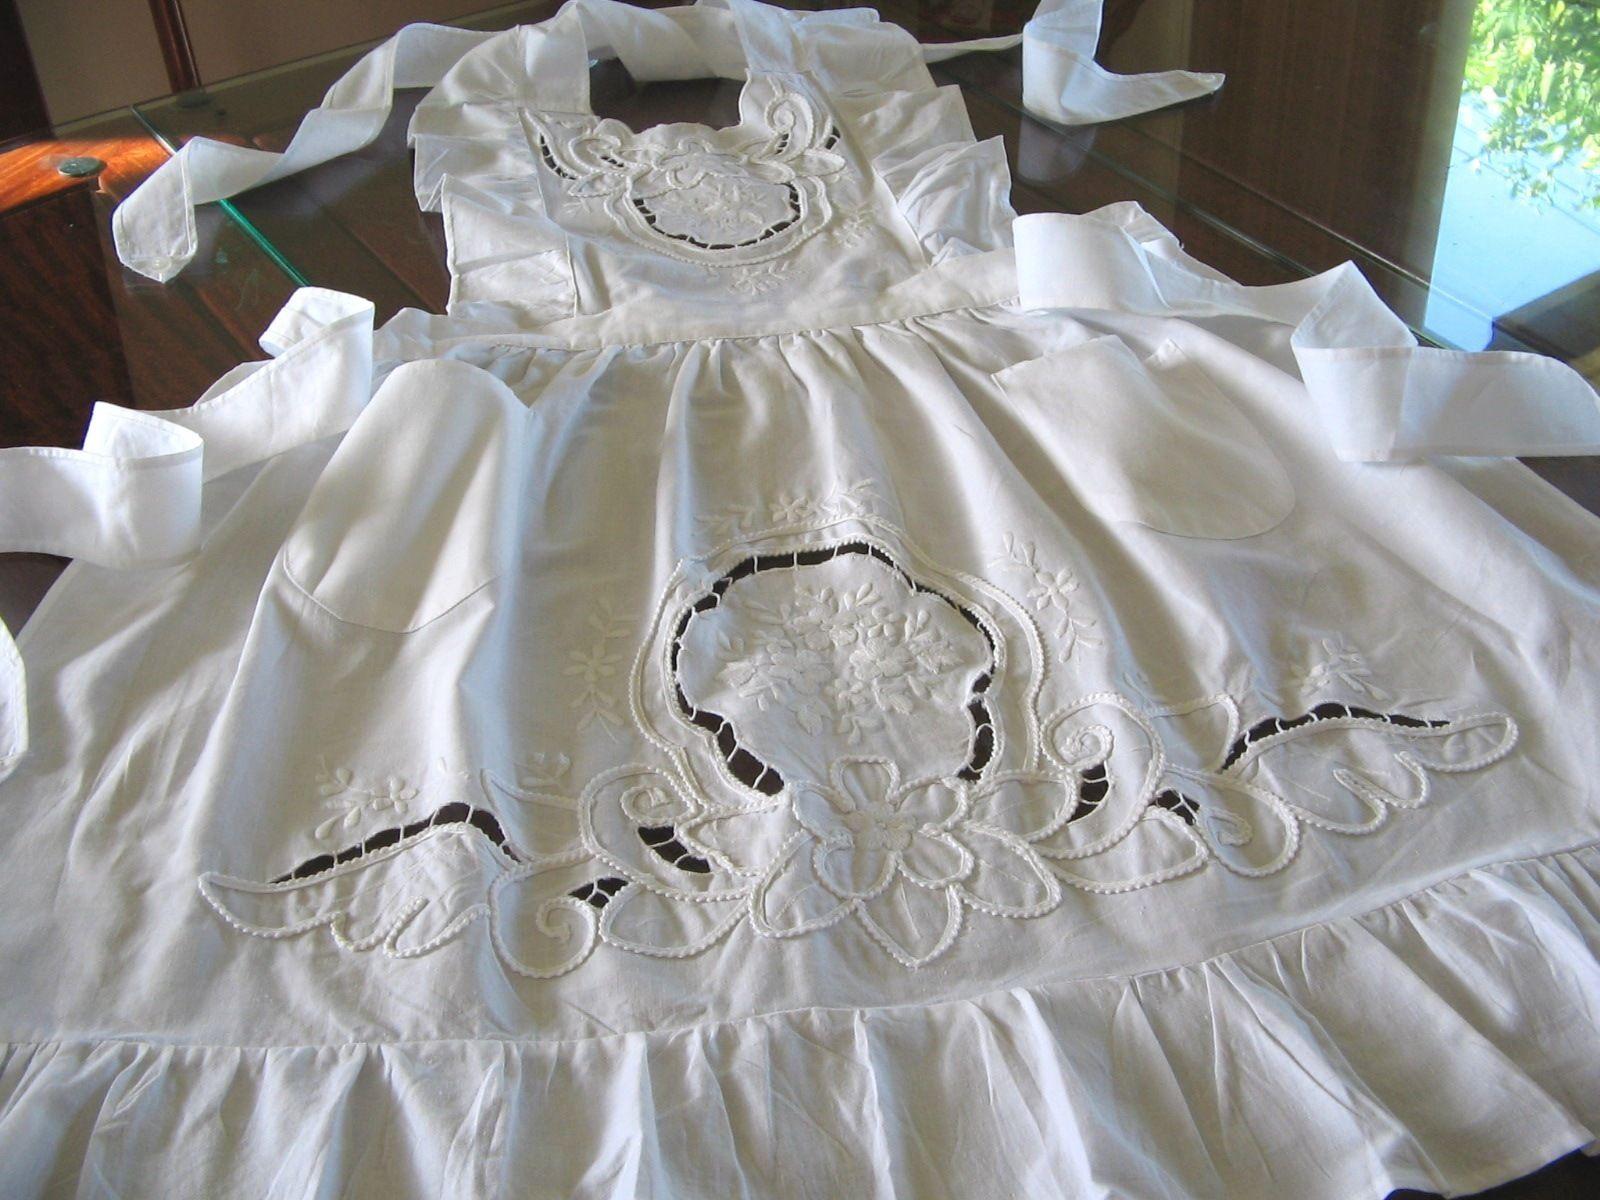 White lace apron ebay - White Victorian Shabby Cottage Lady Rose Embroidery Ruffle Smock Maid Bib Apron Ebay